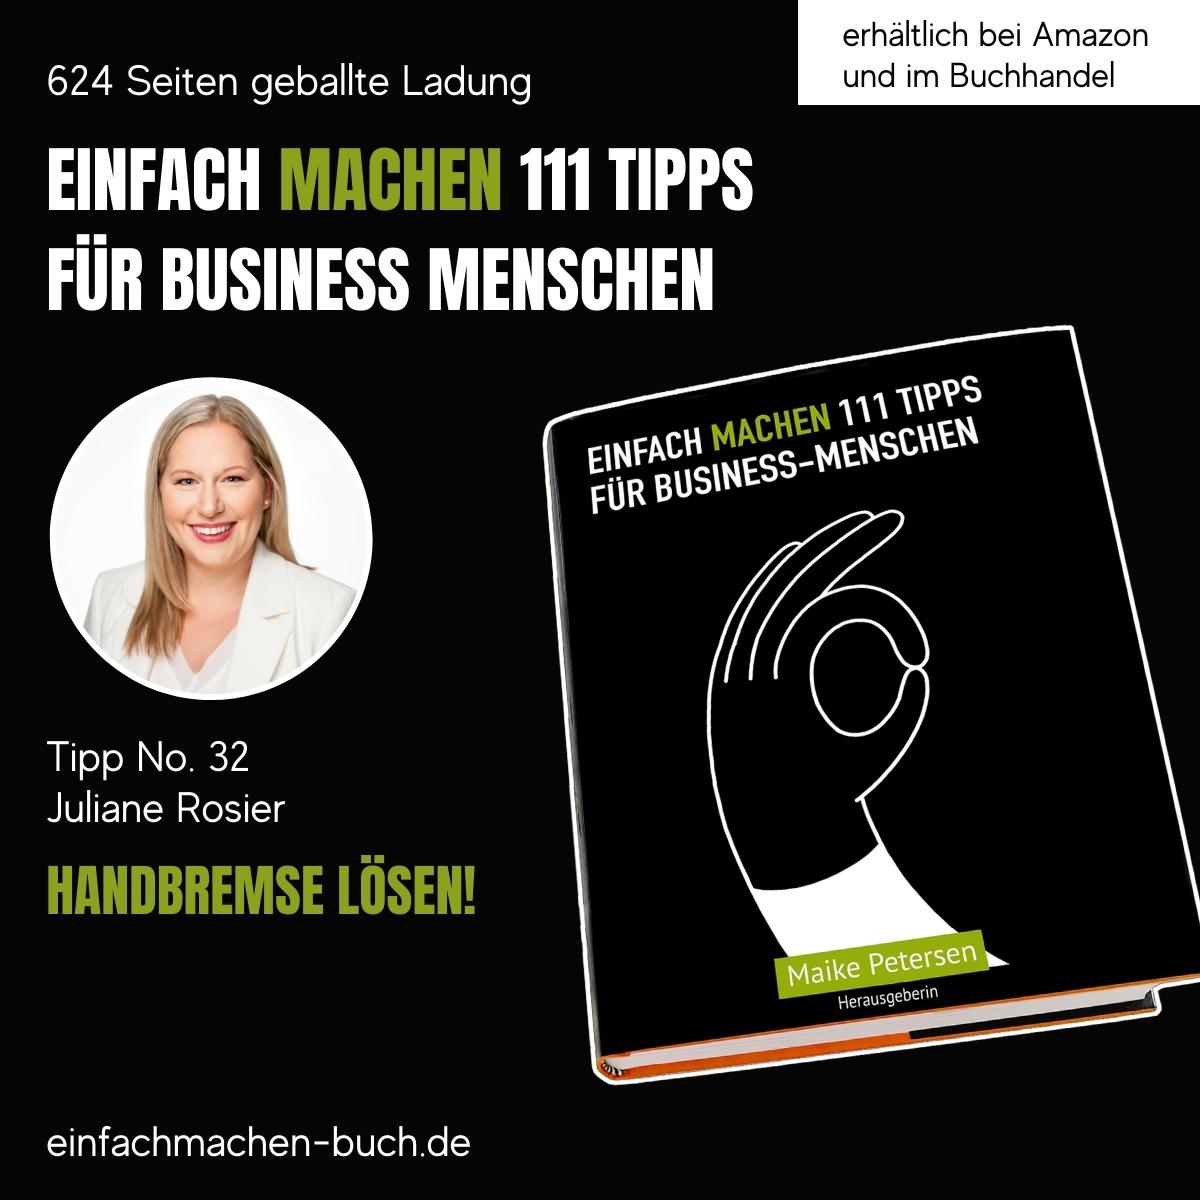 EINFACH MACHEN 111 TIPPS FÜR BUSINESS-MENSCHEN | Tipp No. 32 Juliane Rosier